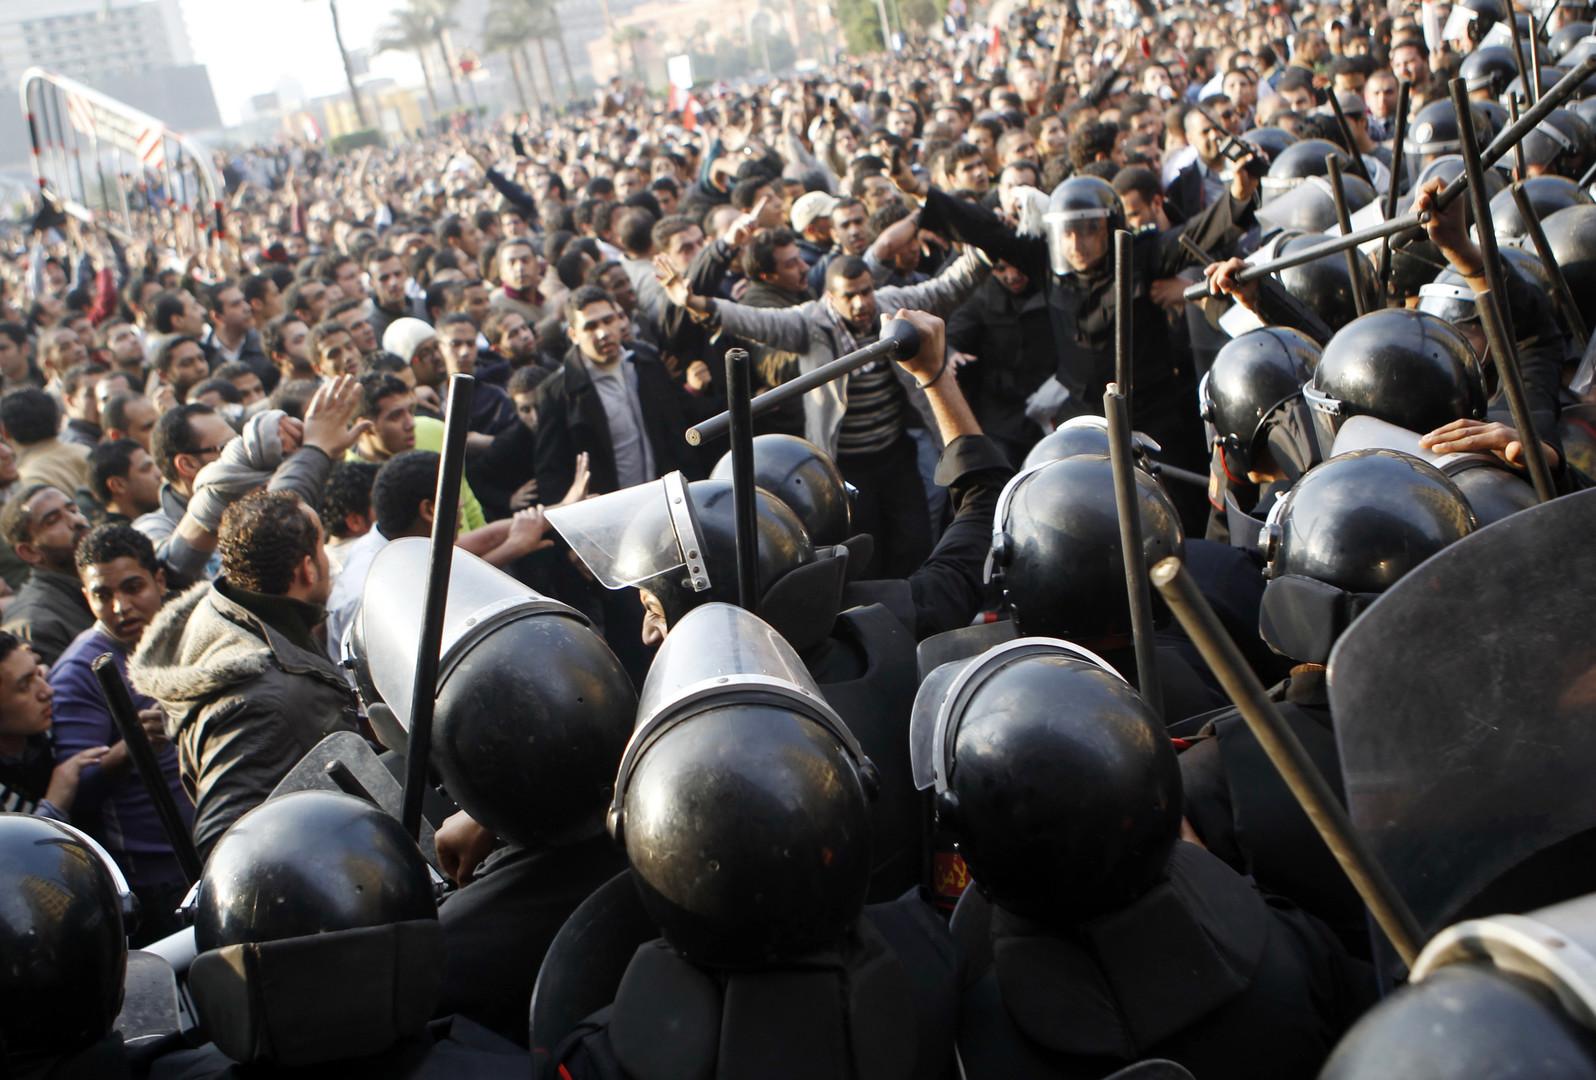 Die Regierung Mubarak reagiert wie gewohnt mit Panzern.